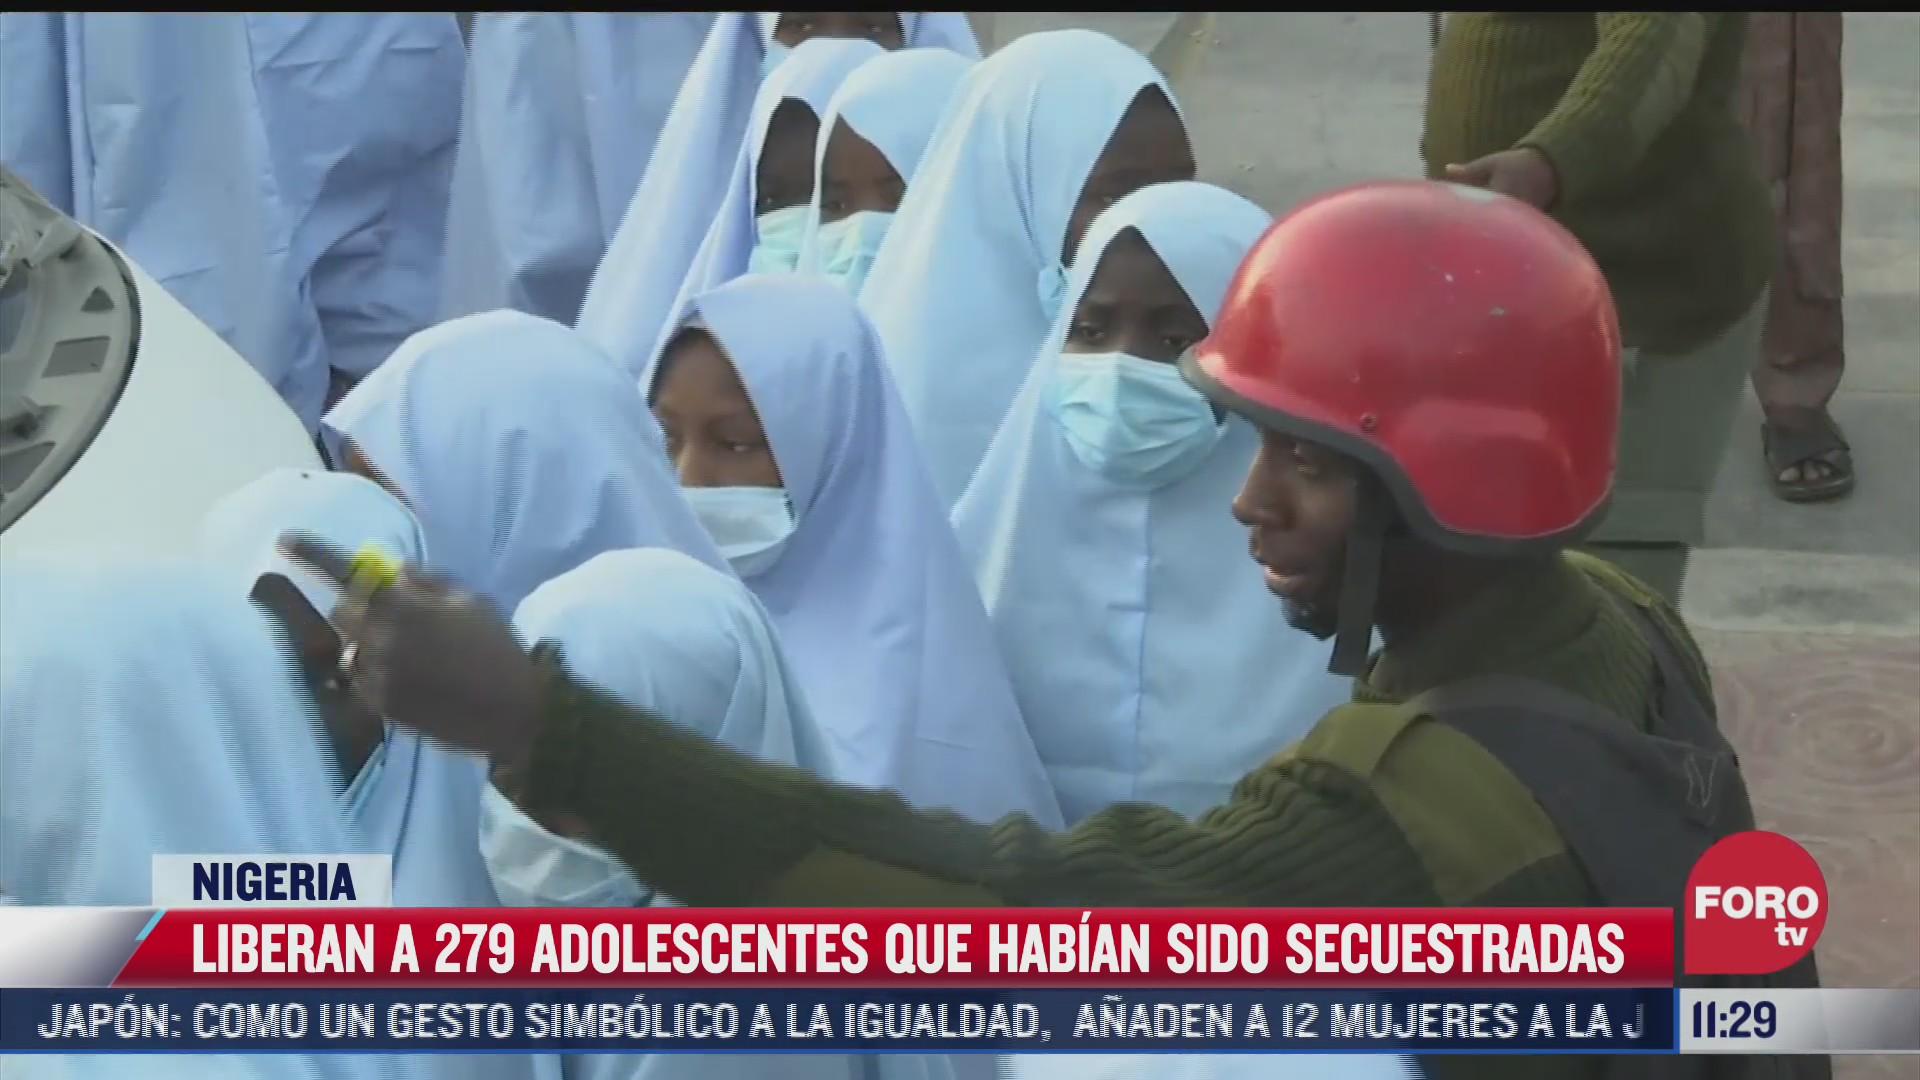 liberan a 279 adolescentes que habian sido secuestradas en nigeria